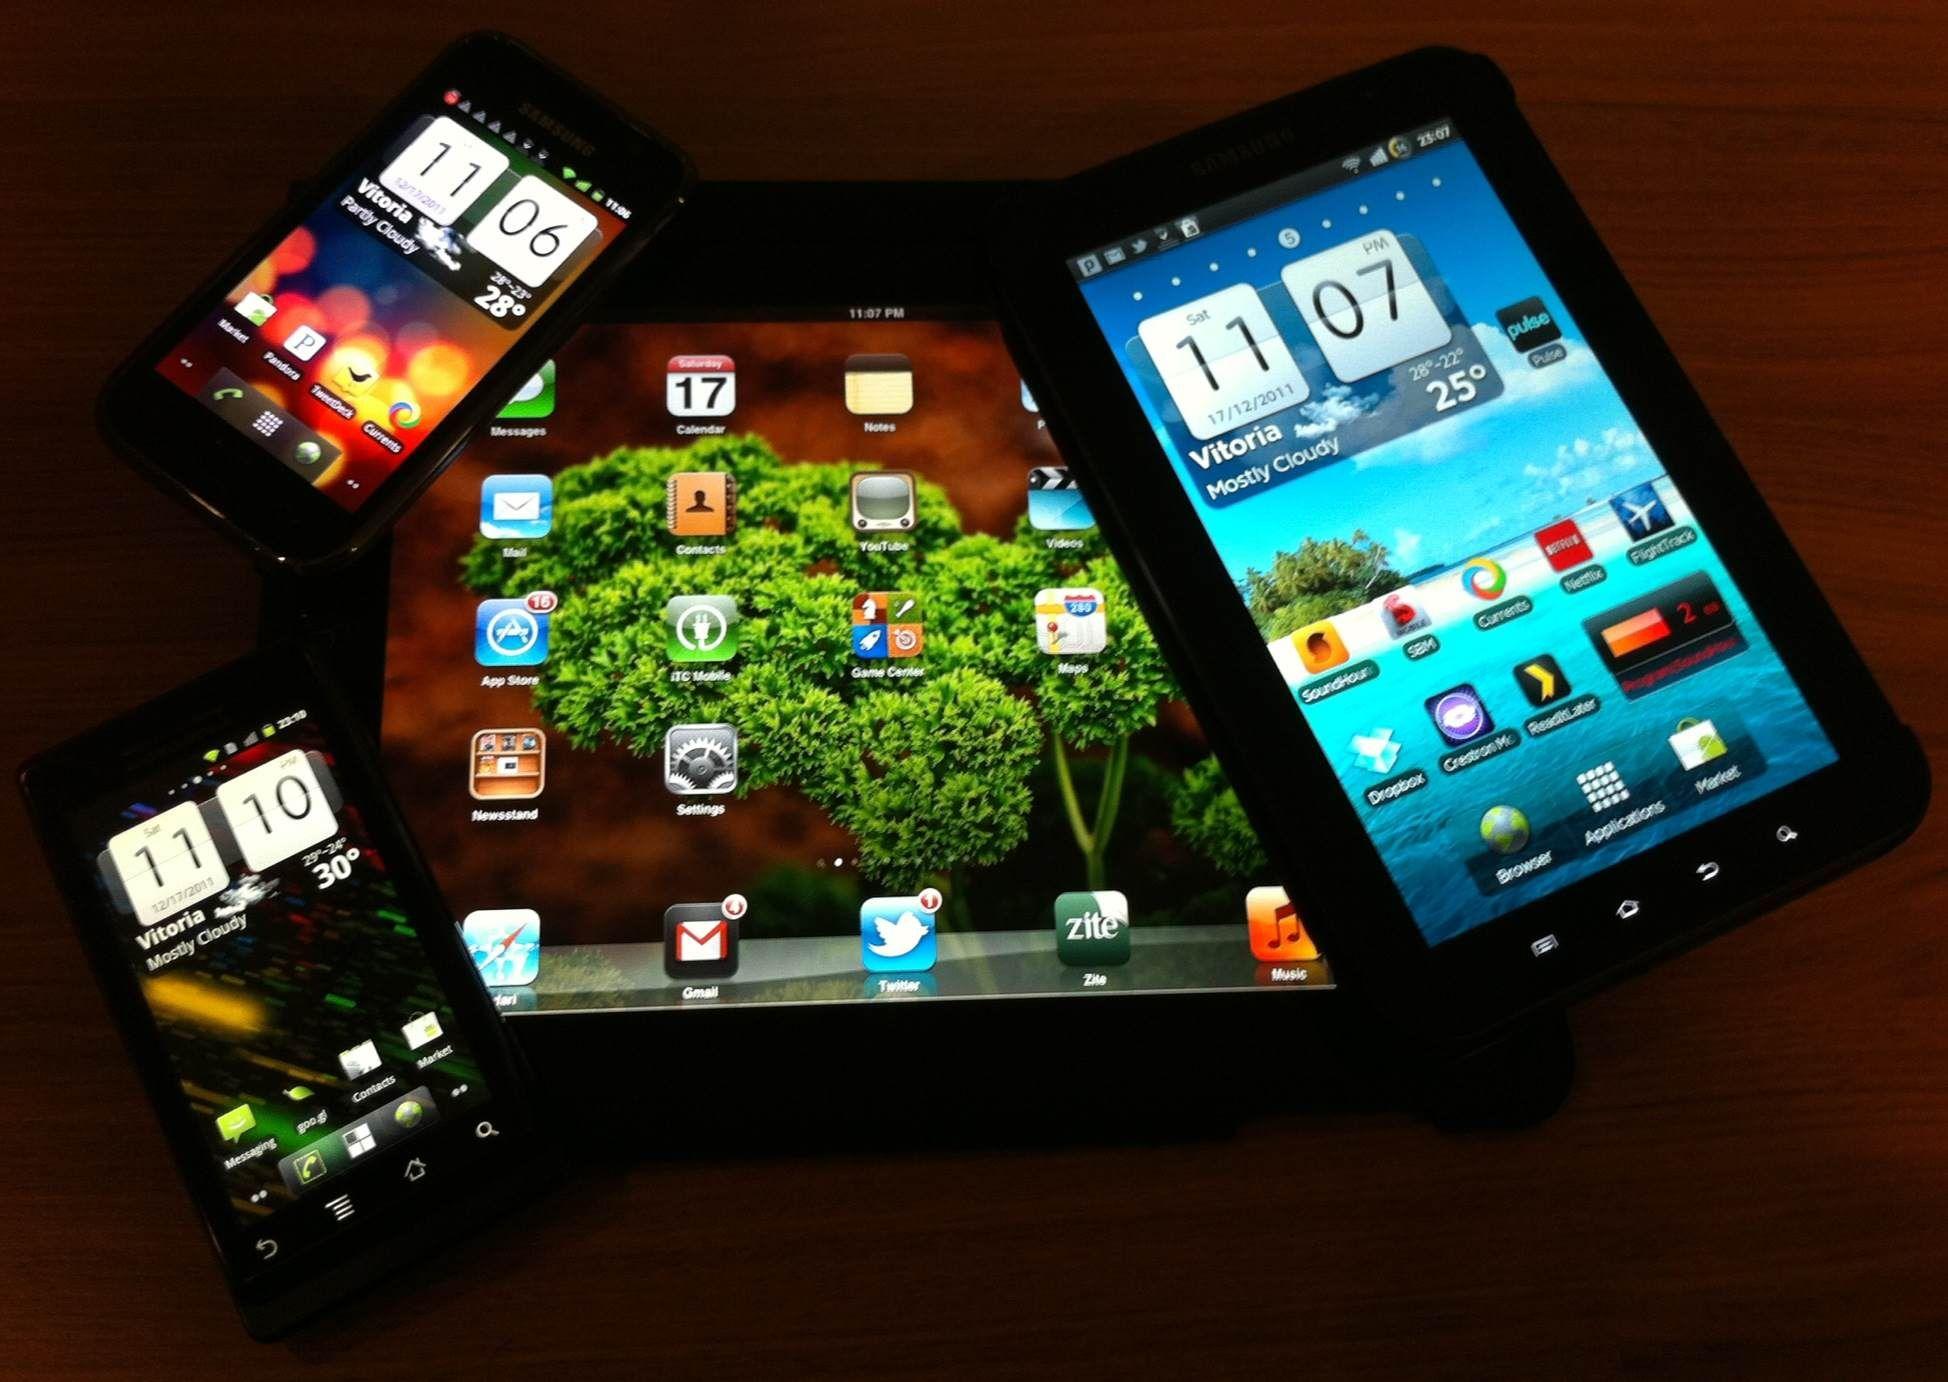 Vilken typ av produkter kan jag lägga på TechSquare TechSquare är primärt inriktad på prylar & nbsp; ( En teknisk enhet eller digital teknik ). Vi säljer inte . Så mobiler telefoner , tabletter, drönare , videospel, kameror etc http://www.techsquare.se